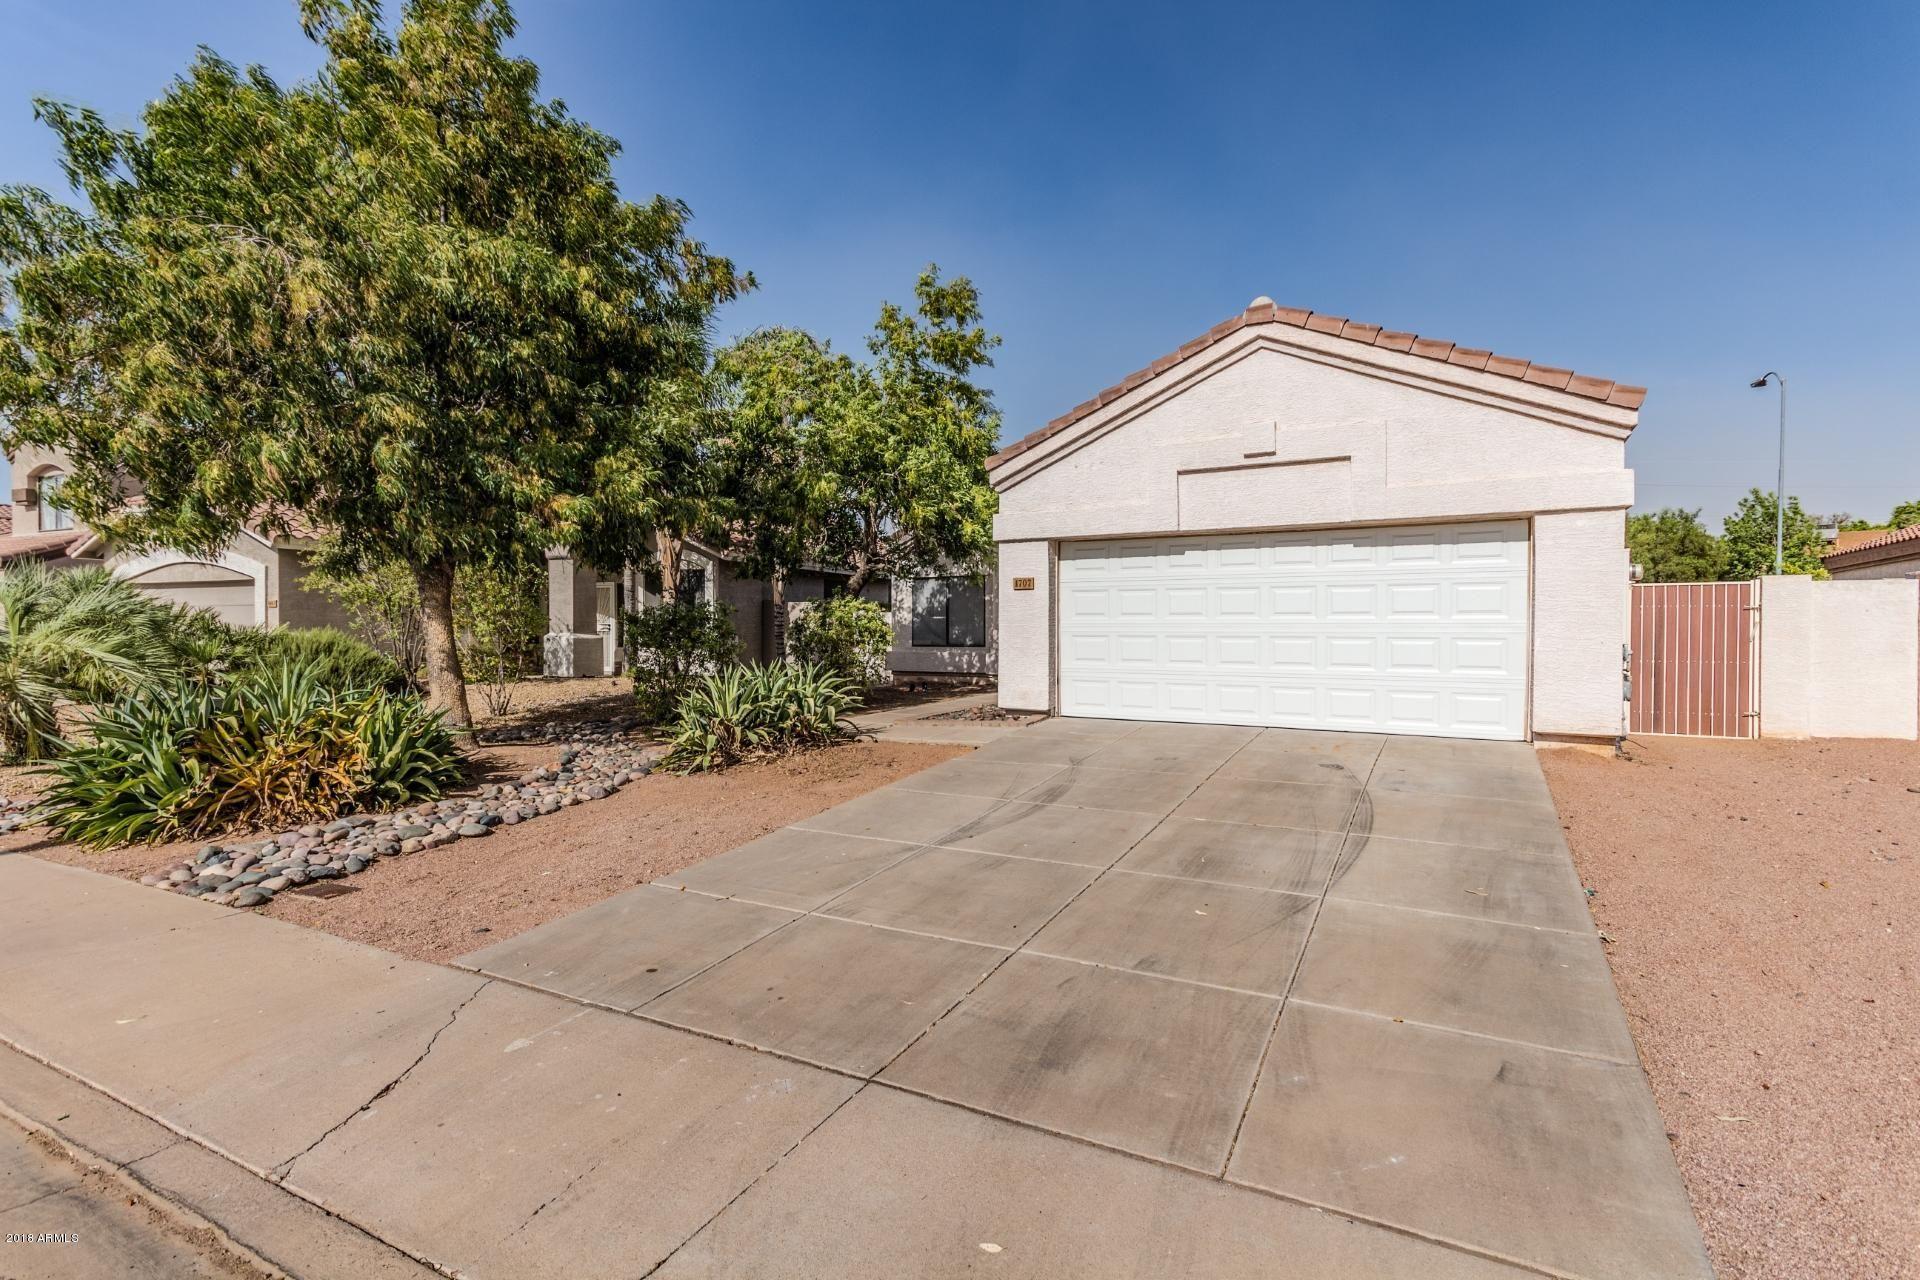 1707  S MAPLE   -- Mesa AZ 85206